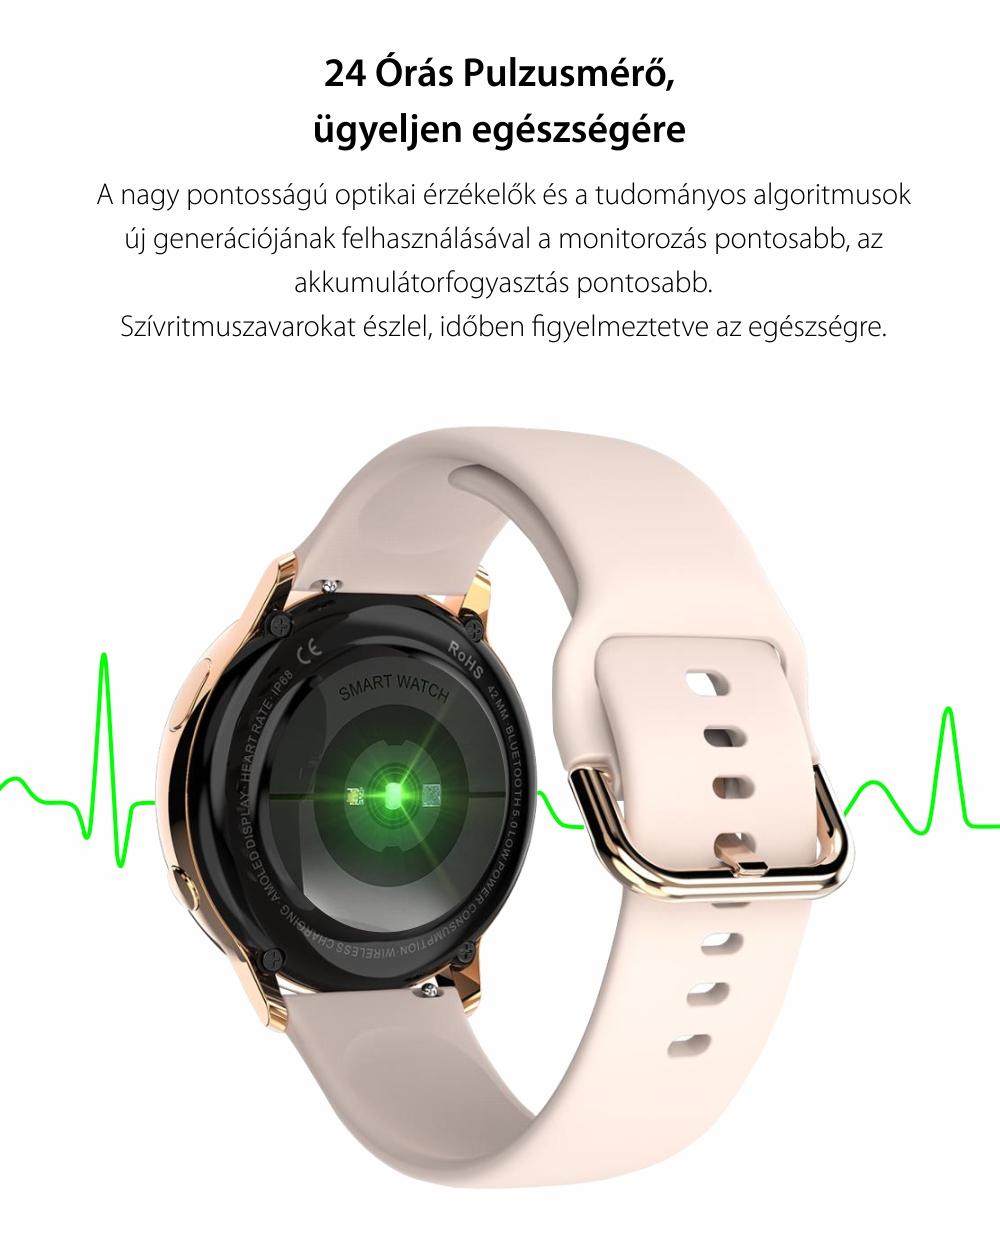 Okosóra TKY-SG2 Pulzusmérő funkció, Vérnyomásmérő, Véroxigénszint mérési funkcióval, Hívás/SMS Értesítések, AMOLED képernyő, 10 Sportmód, Bluetooth, Mágneses töltés, Rózsaszín